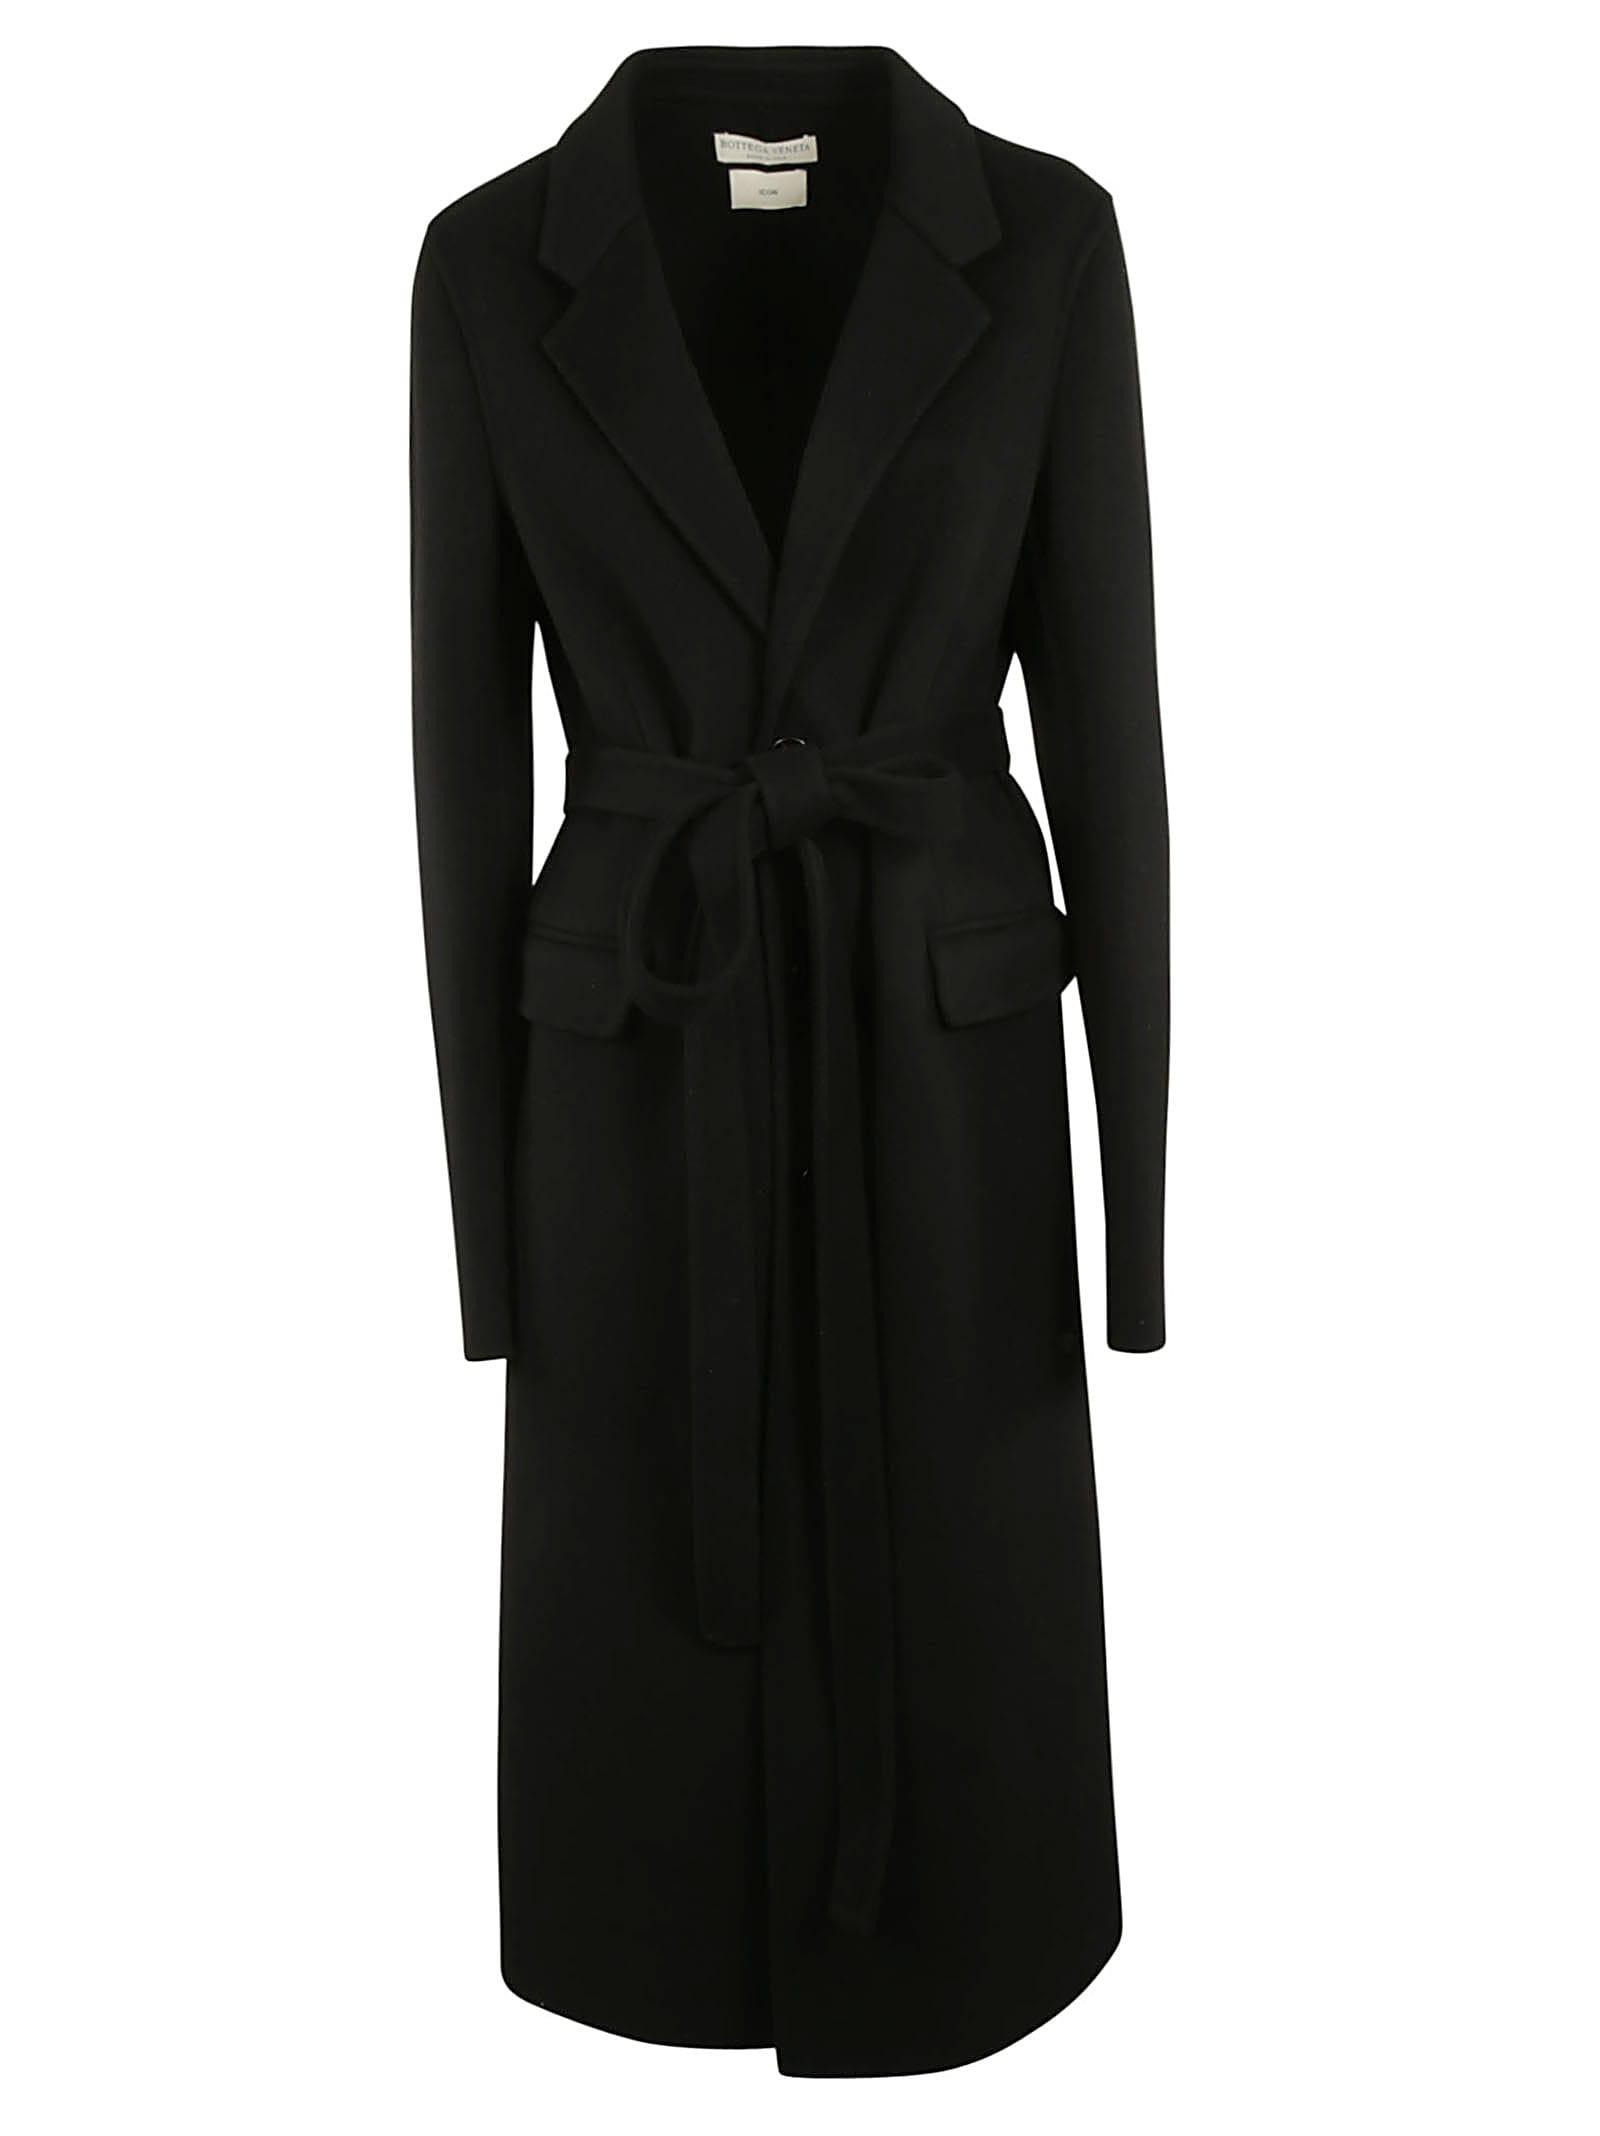 Bottega Veneta Tie Waist Coat